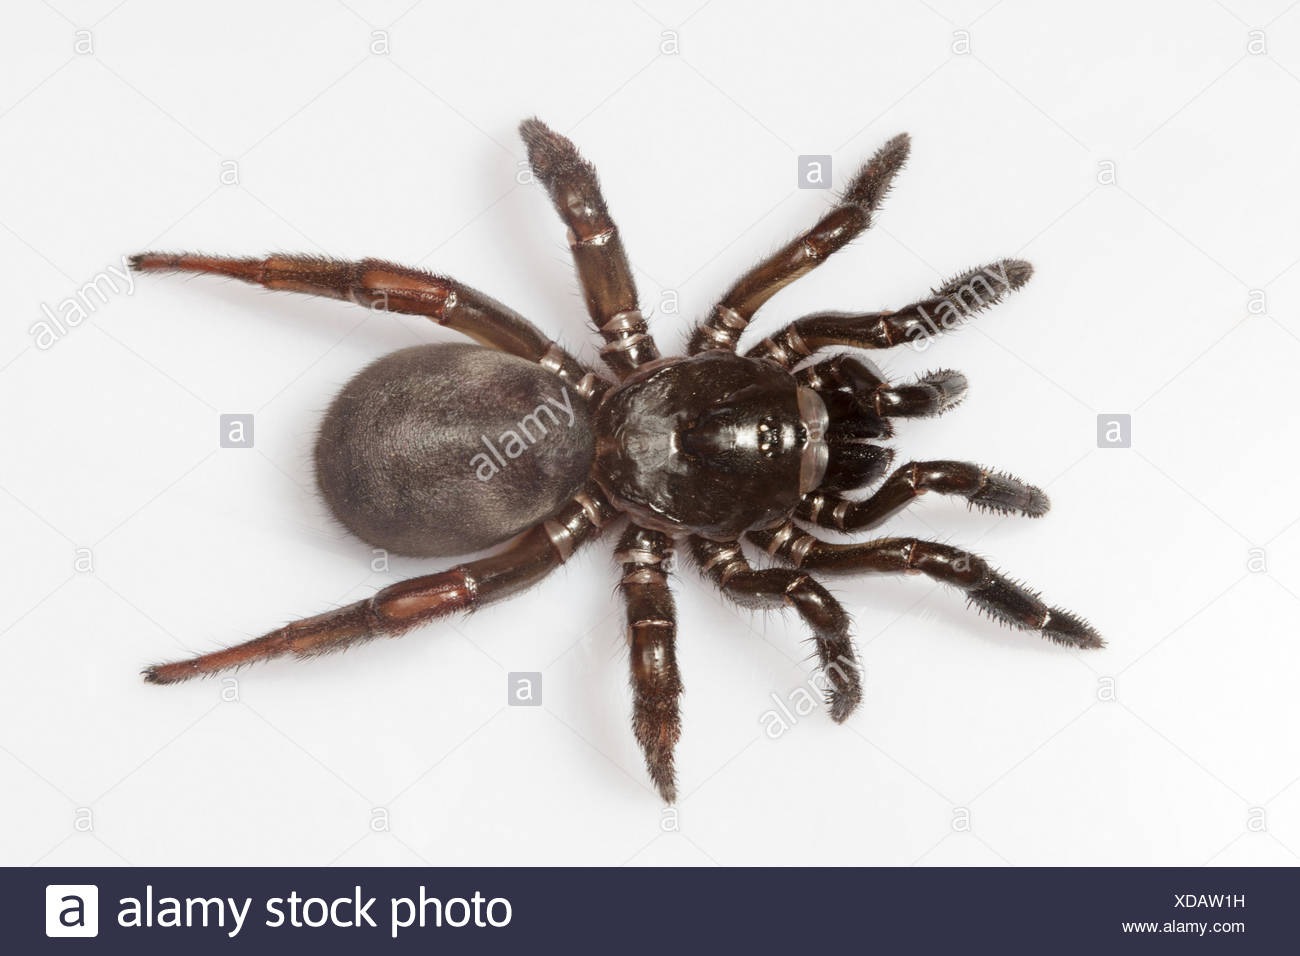 Trapdoor Spider Stock Photos Trapdoor Spider Stock Images Alamy